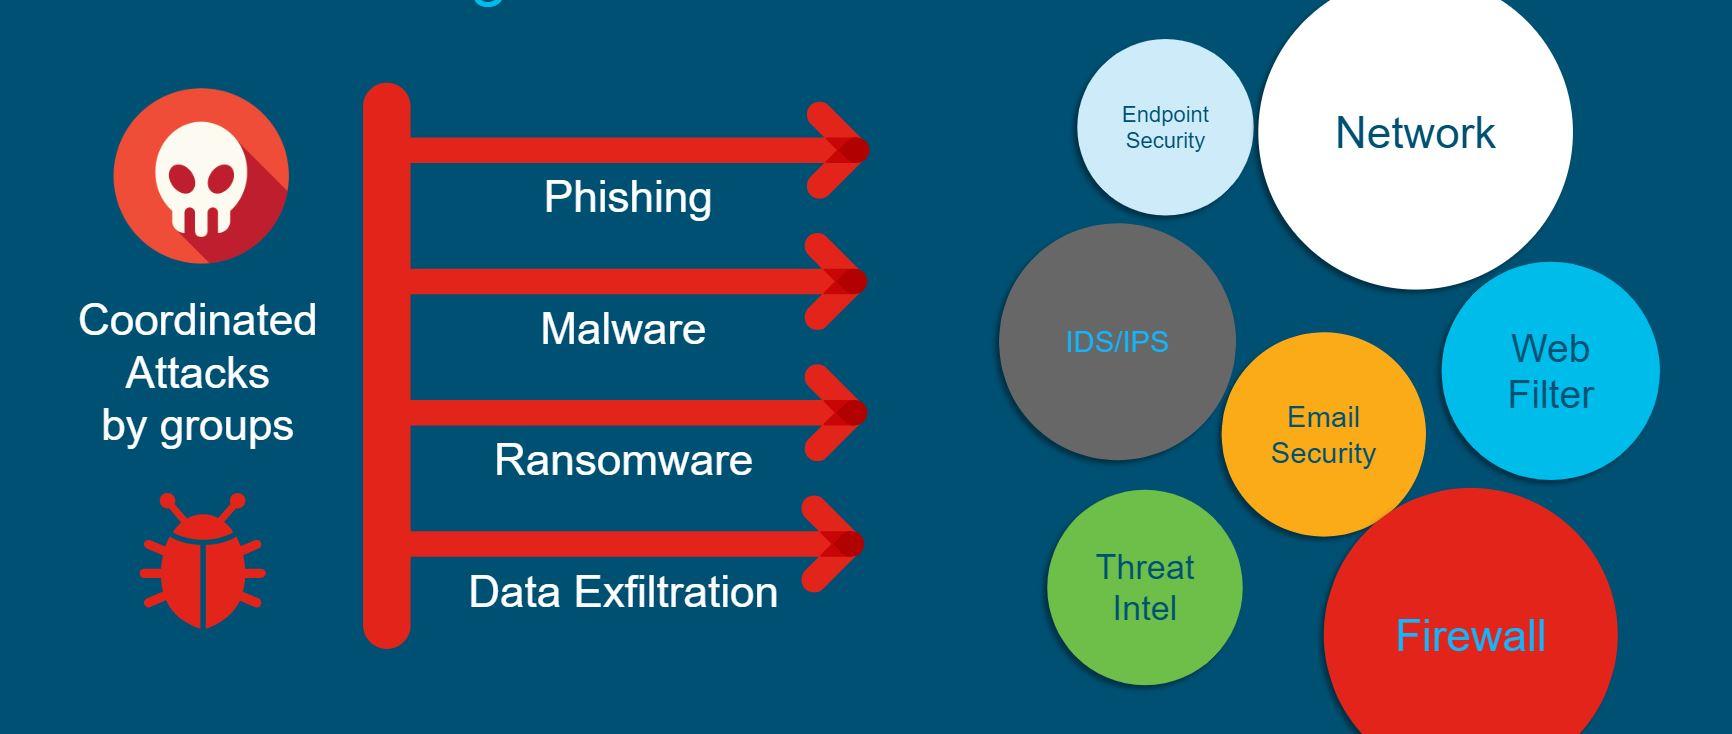 coordinated attacks - Cisco